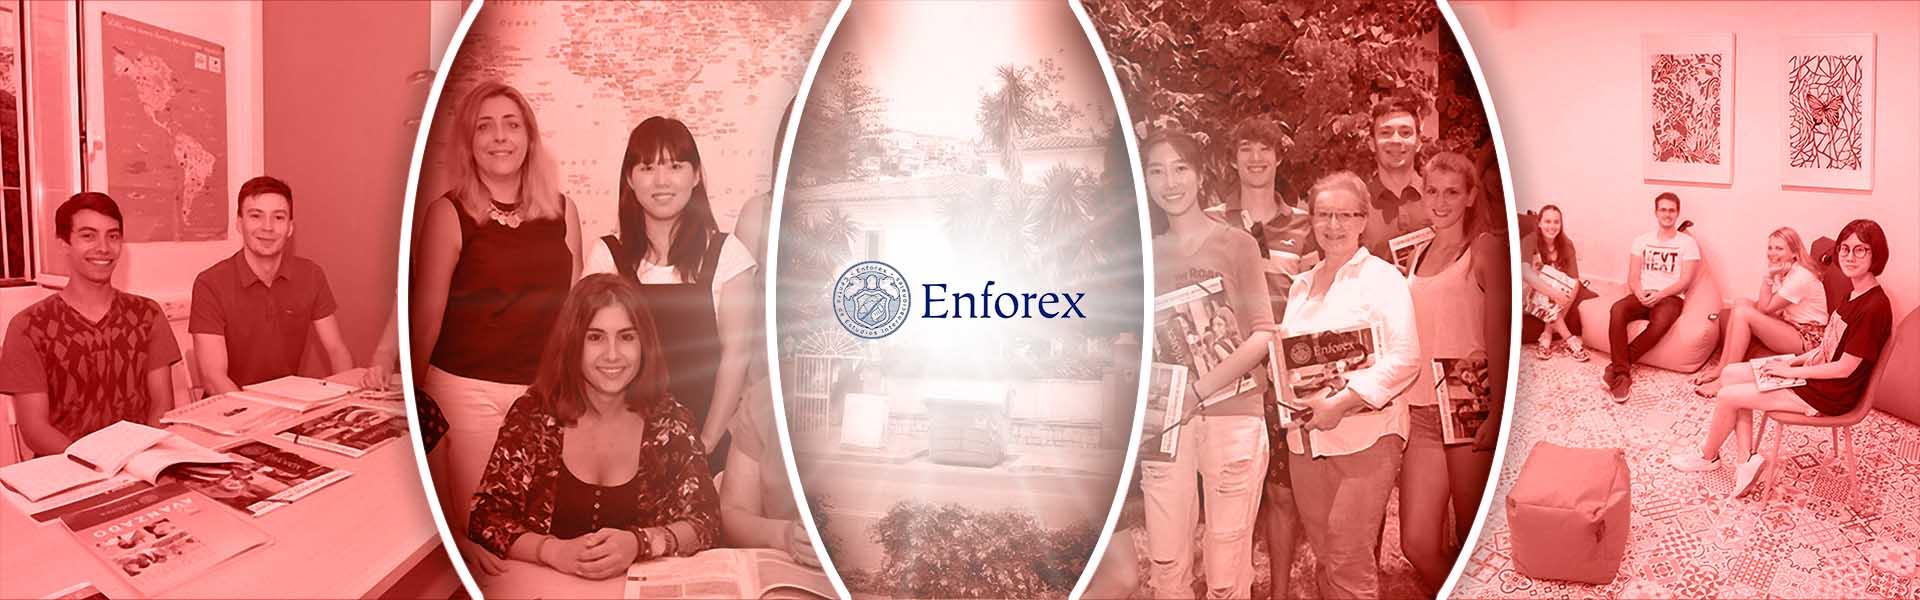 Enforex Malaga Dil Okulu